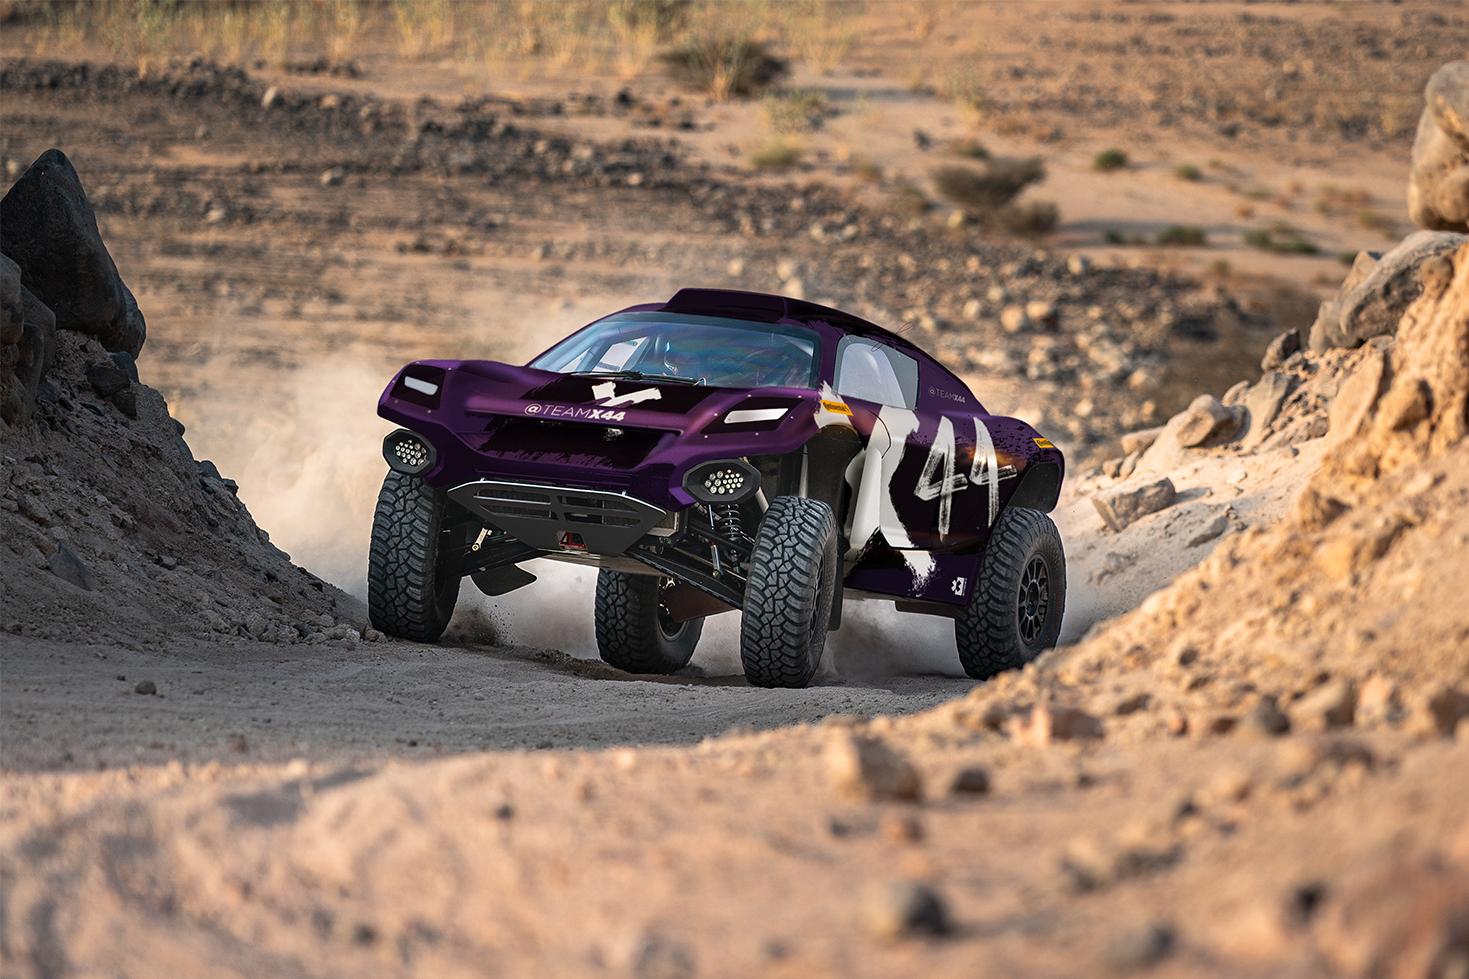 Hamiltonův tým X44 bude s tímto vozem soutěžit v sérii Extreme E.